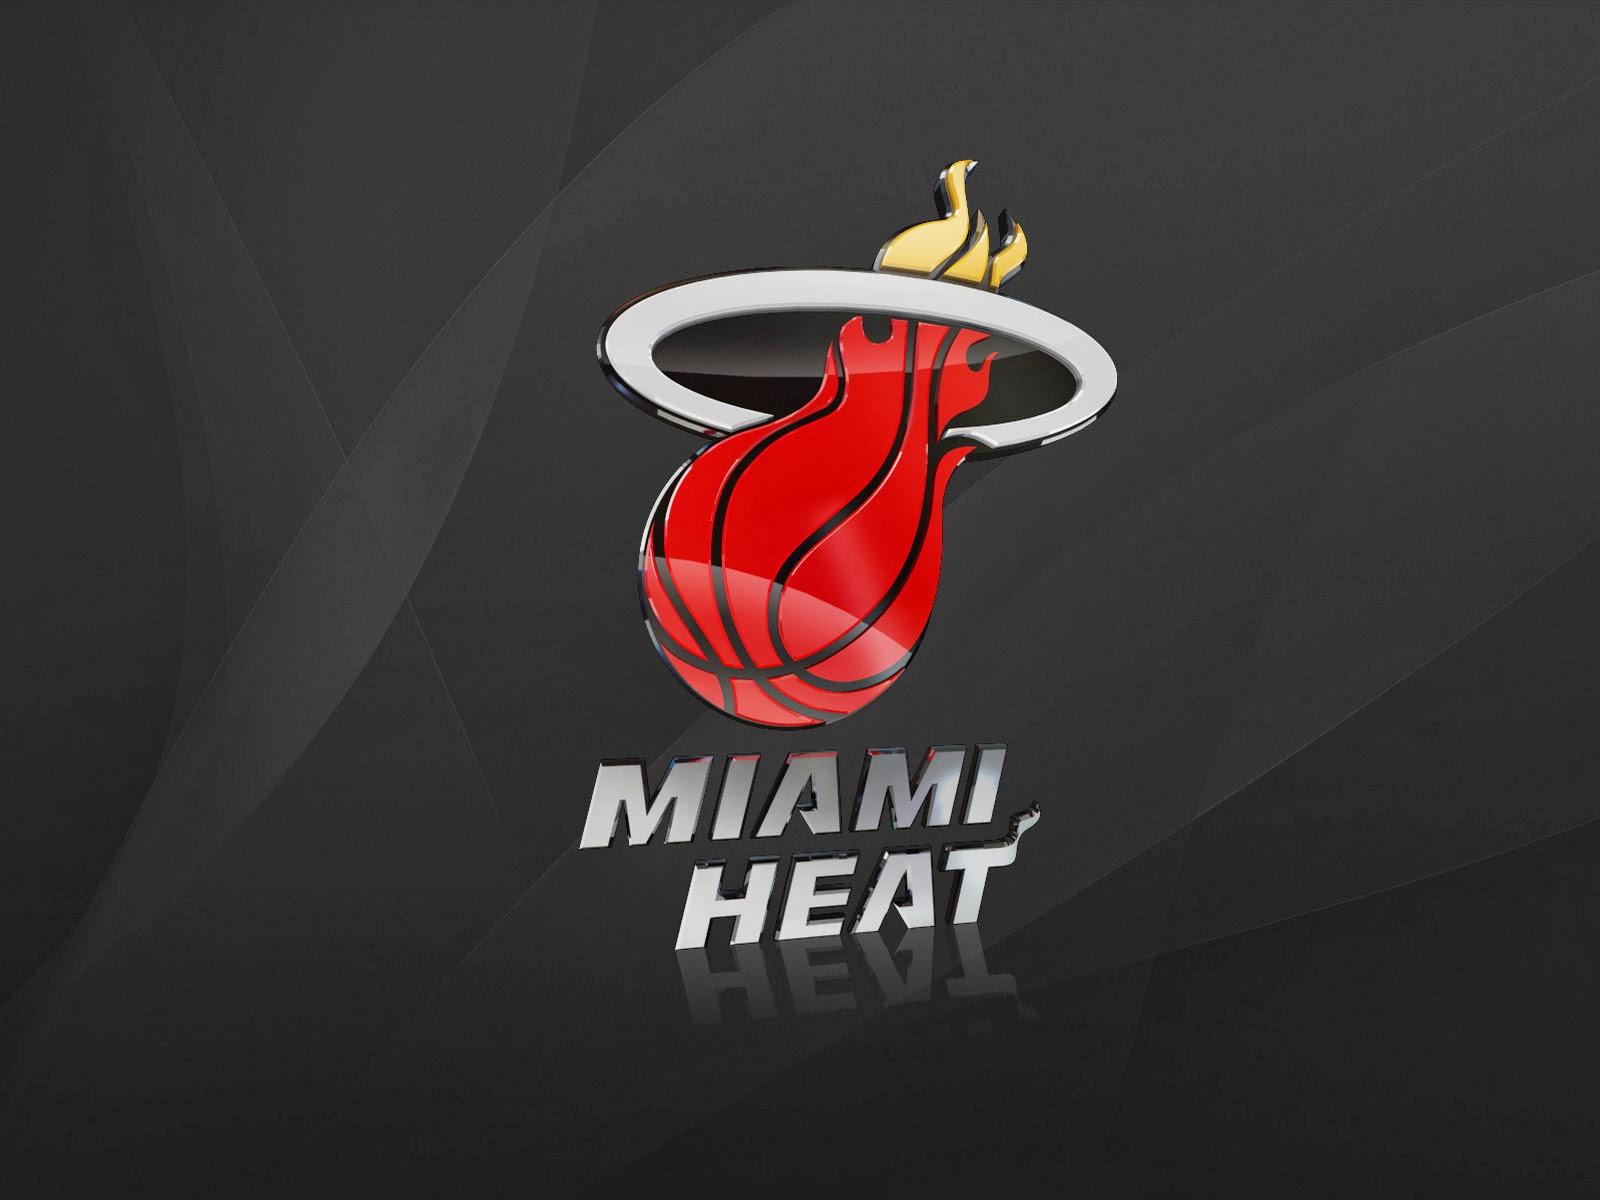 Miami Heat 3D Logo 2014 NBA HD Desktop Wallpaper CaT 1600x1200